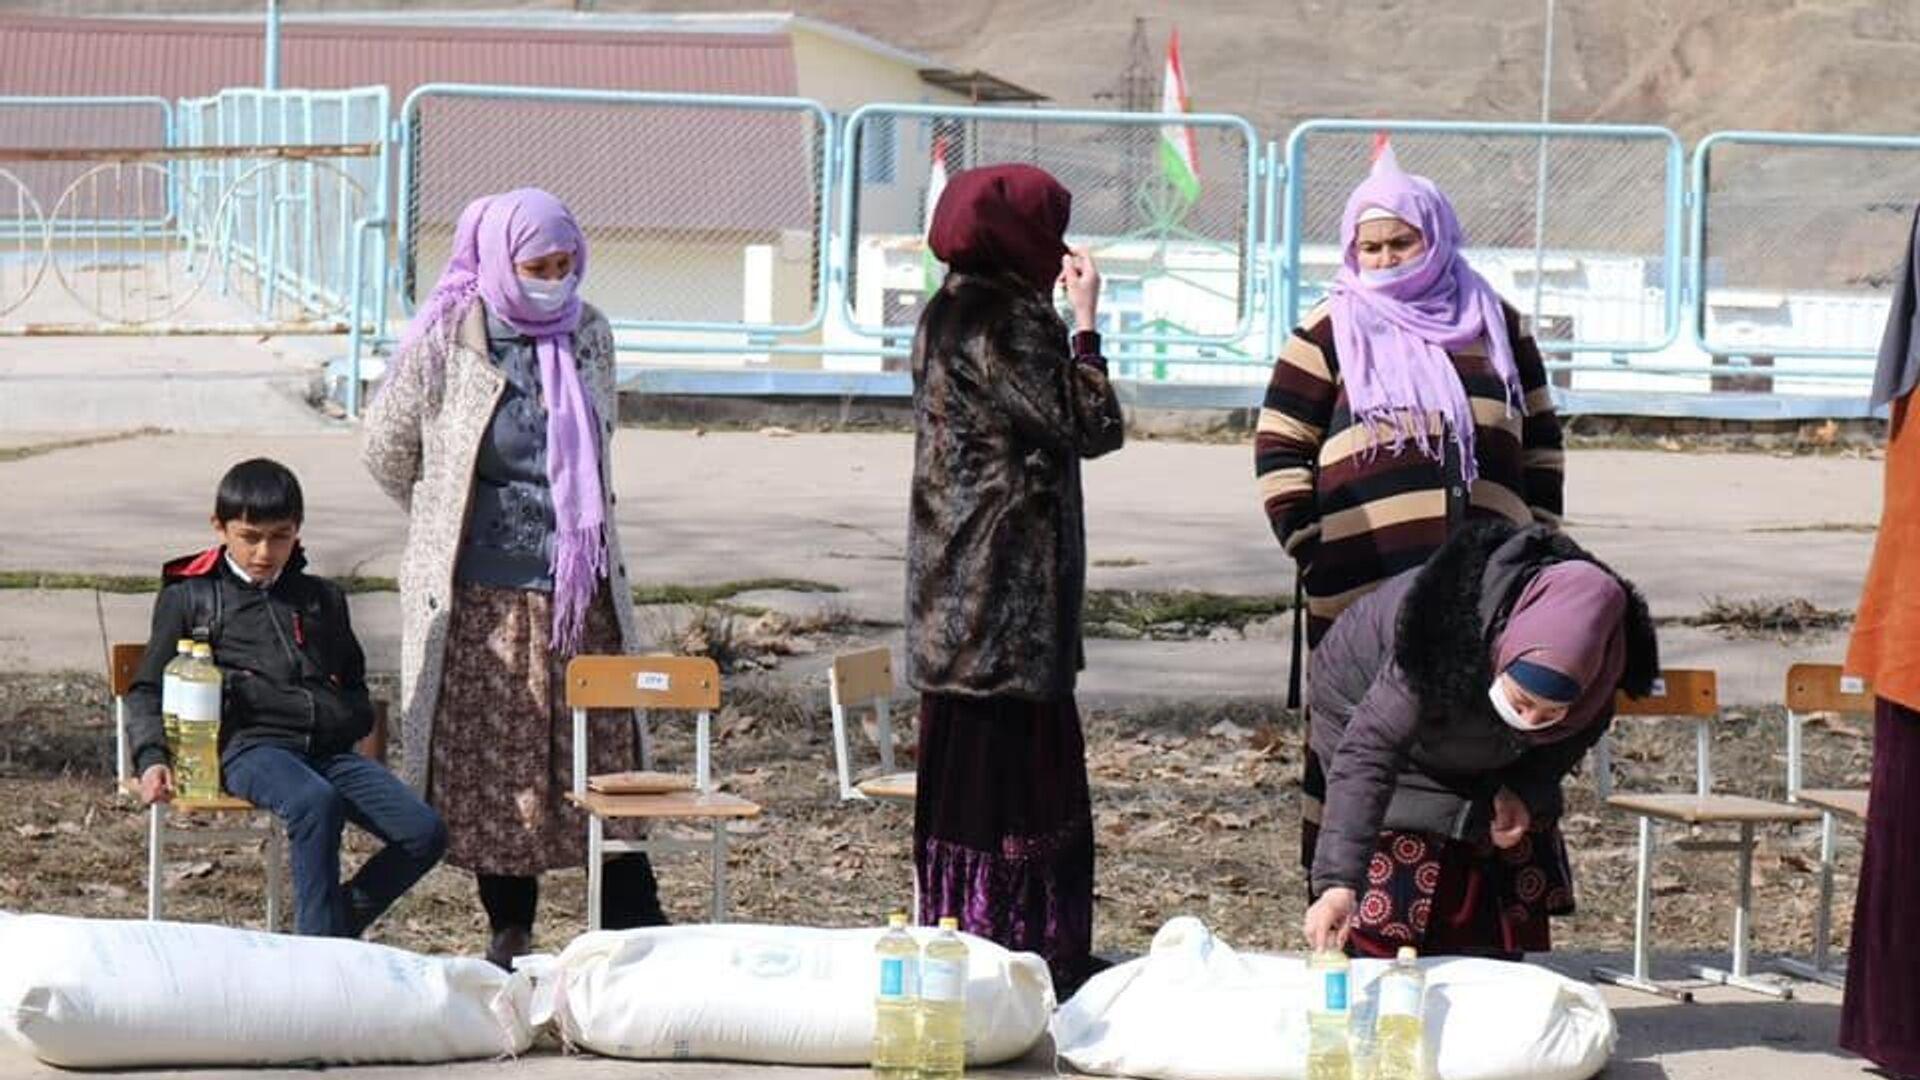 Россия выделила $1 миллион для помощи наиболее уязвимым школьникам Таджикистана - Sputnik Таджикистан, 1920, 18.03.2021